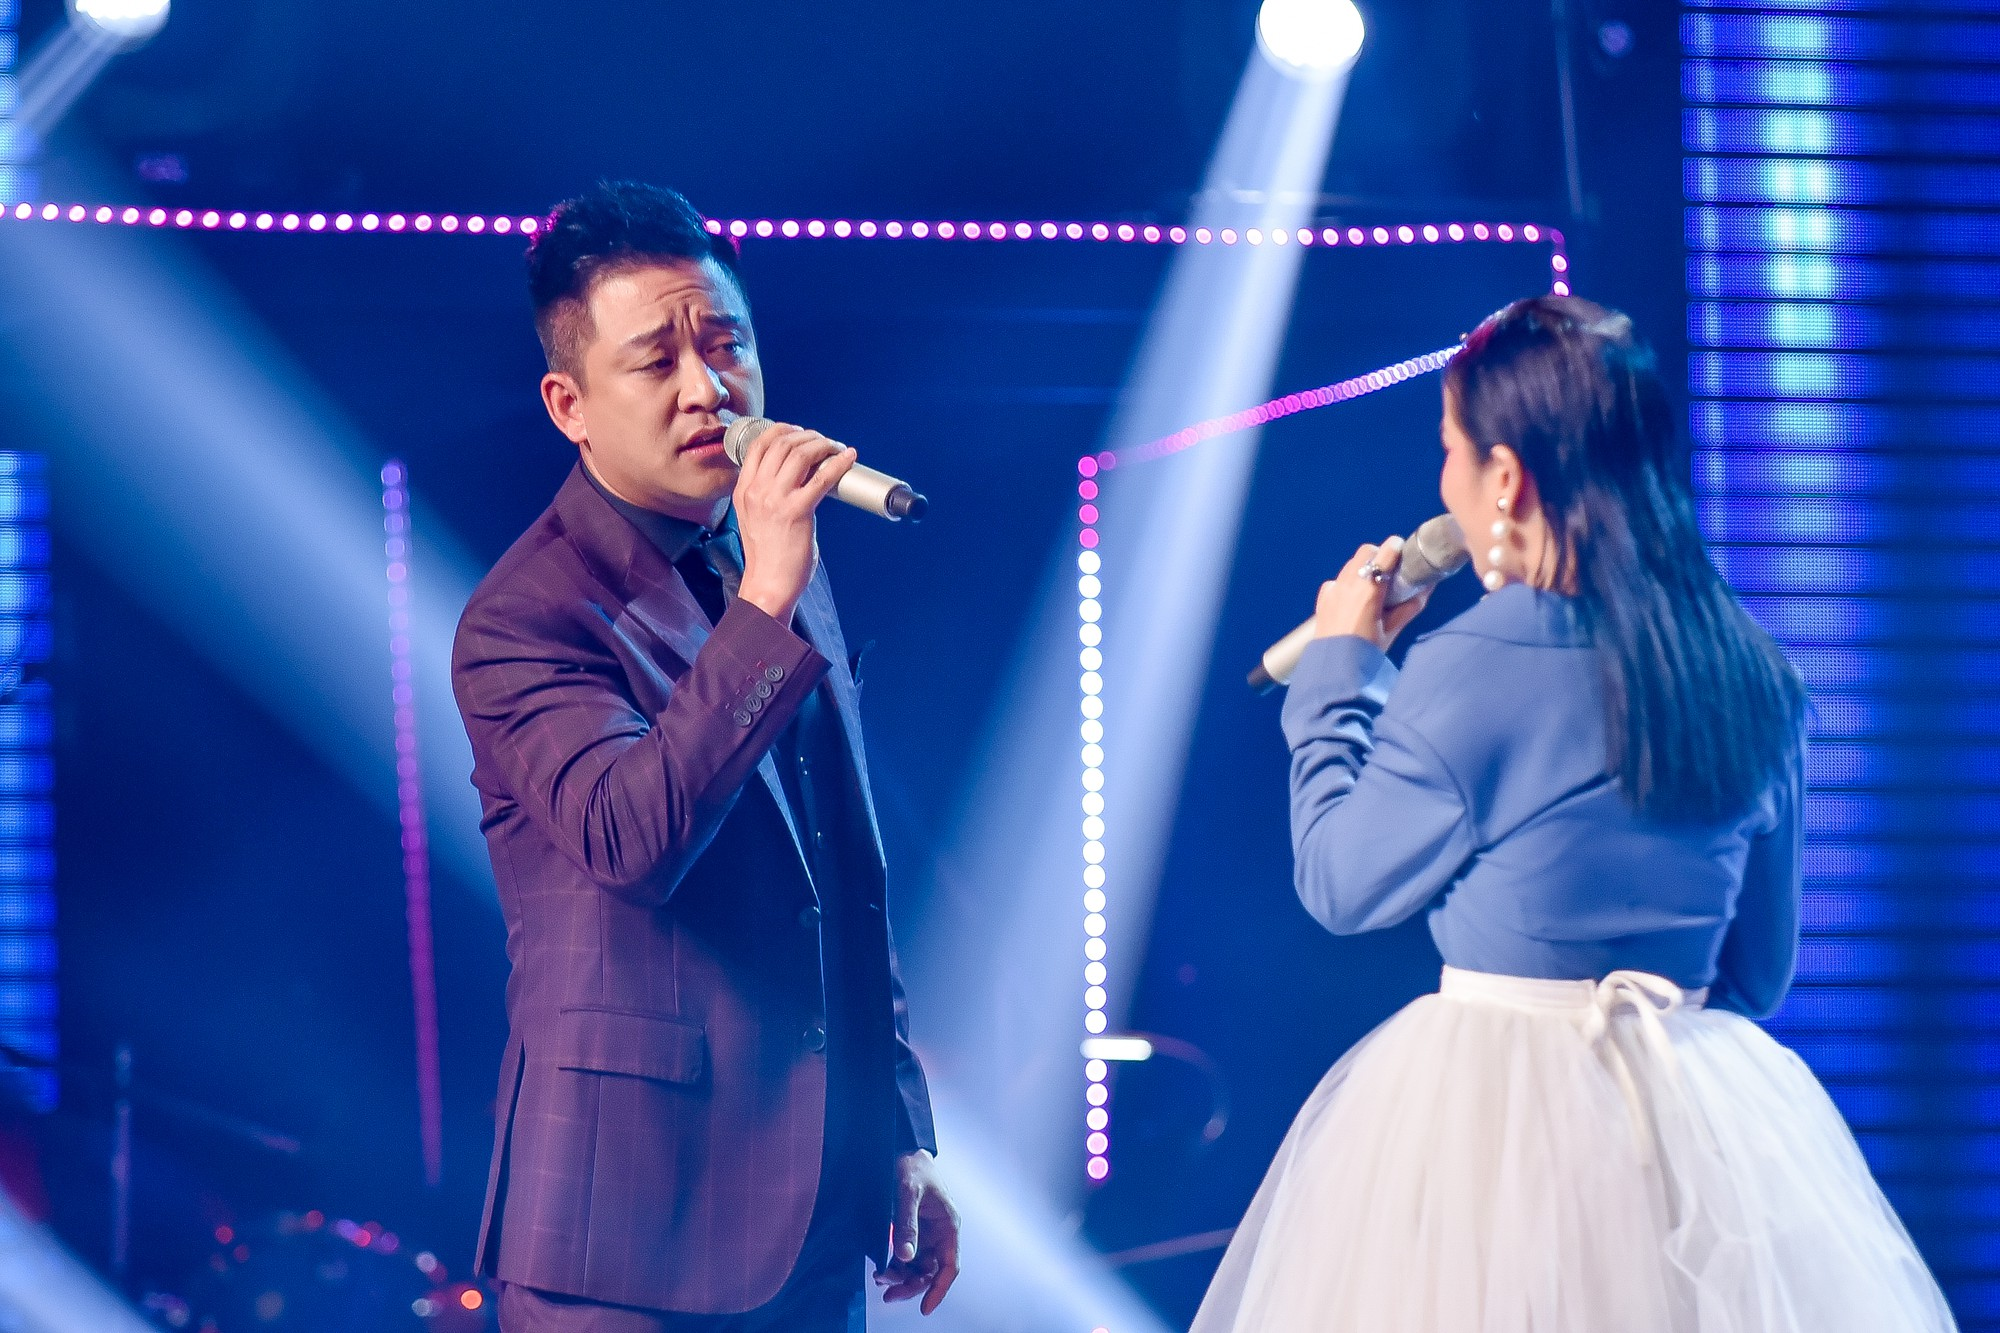 The Voice: Thấy gái đẹp quấn trăn nhảy múa tưng bừng, Tuấn Hưng phản ứng bất ngờ khiến ai cũng bật cười-16